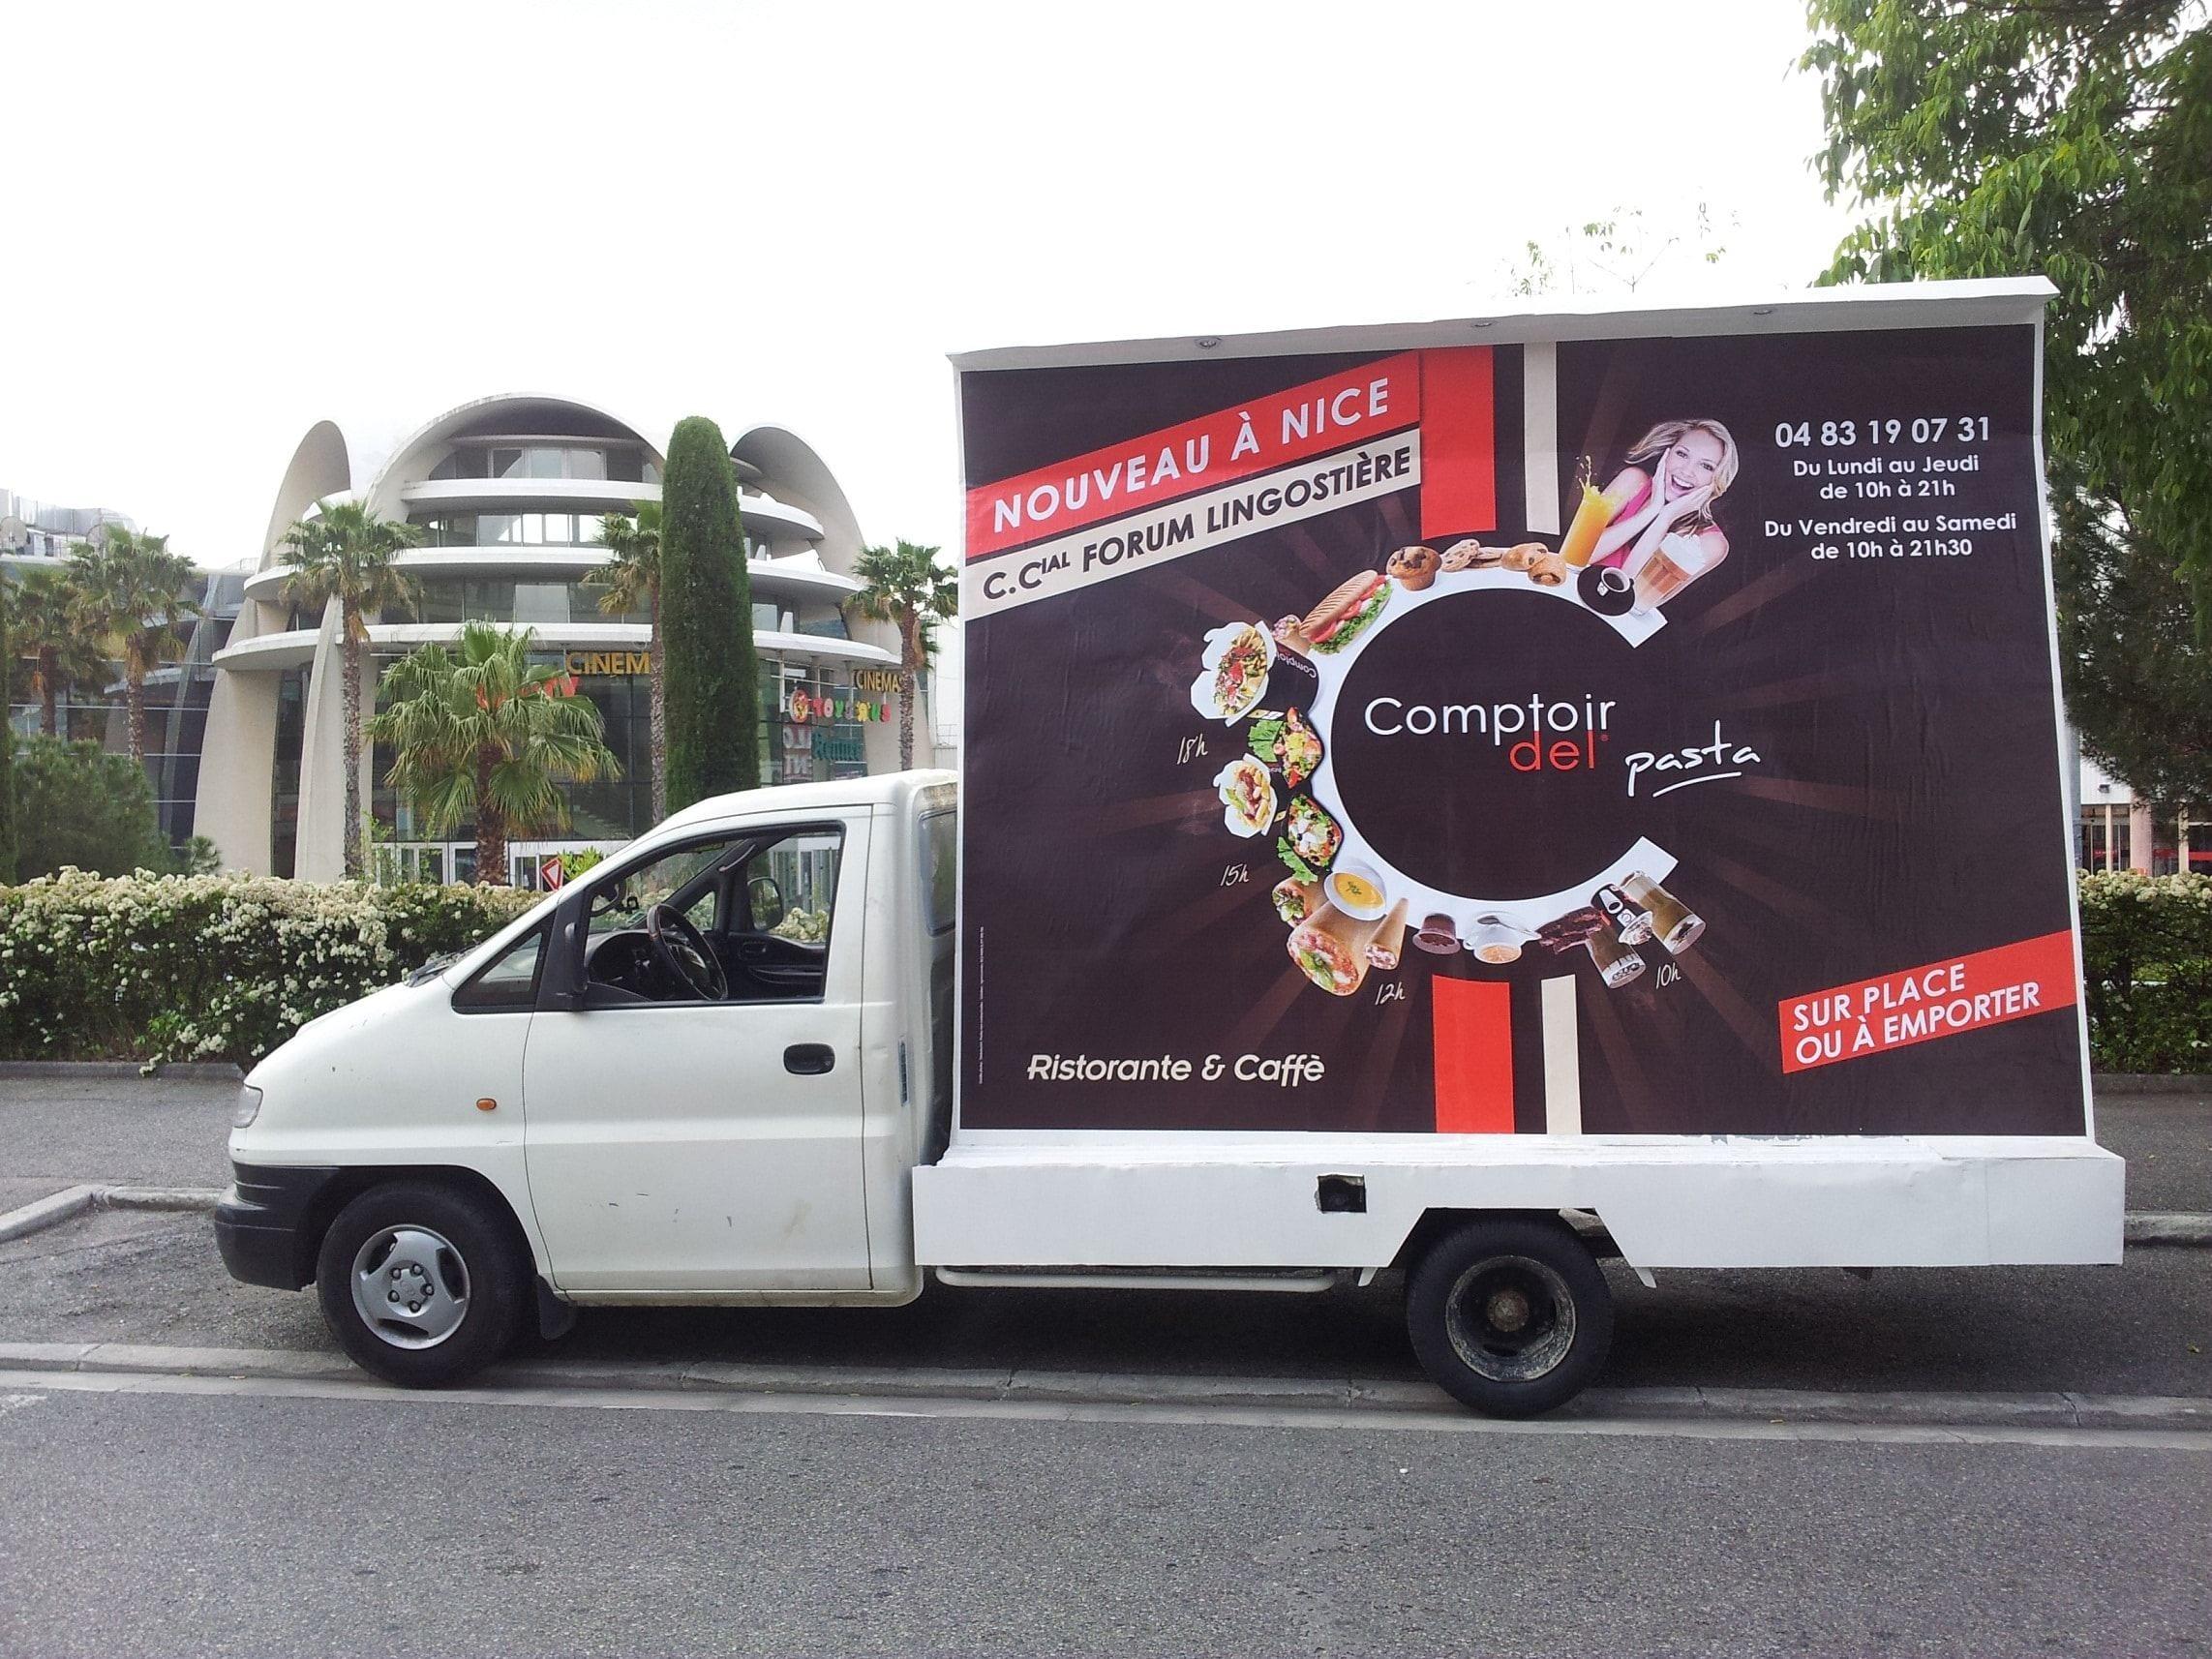 Camion publicitaire marseille aix en provence1 - Ne plus recevoir de coup de telephone publicitaire ...